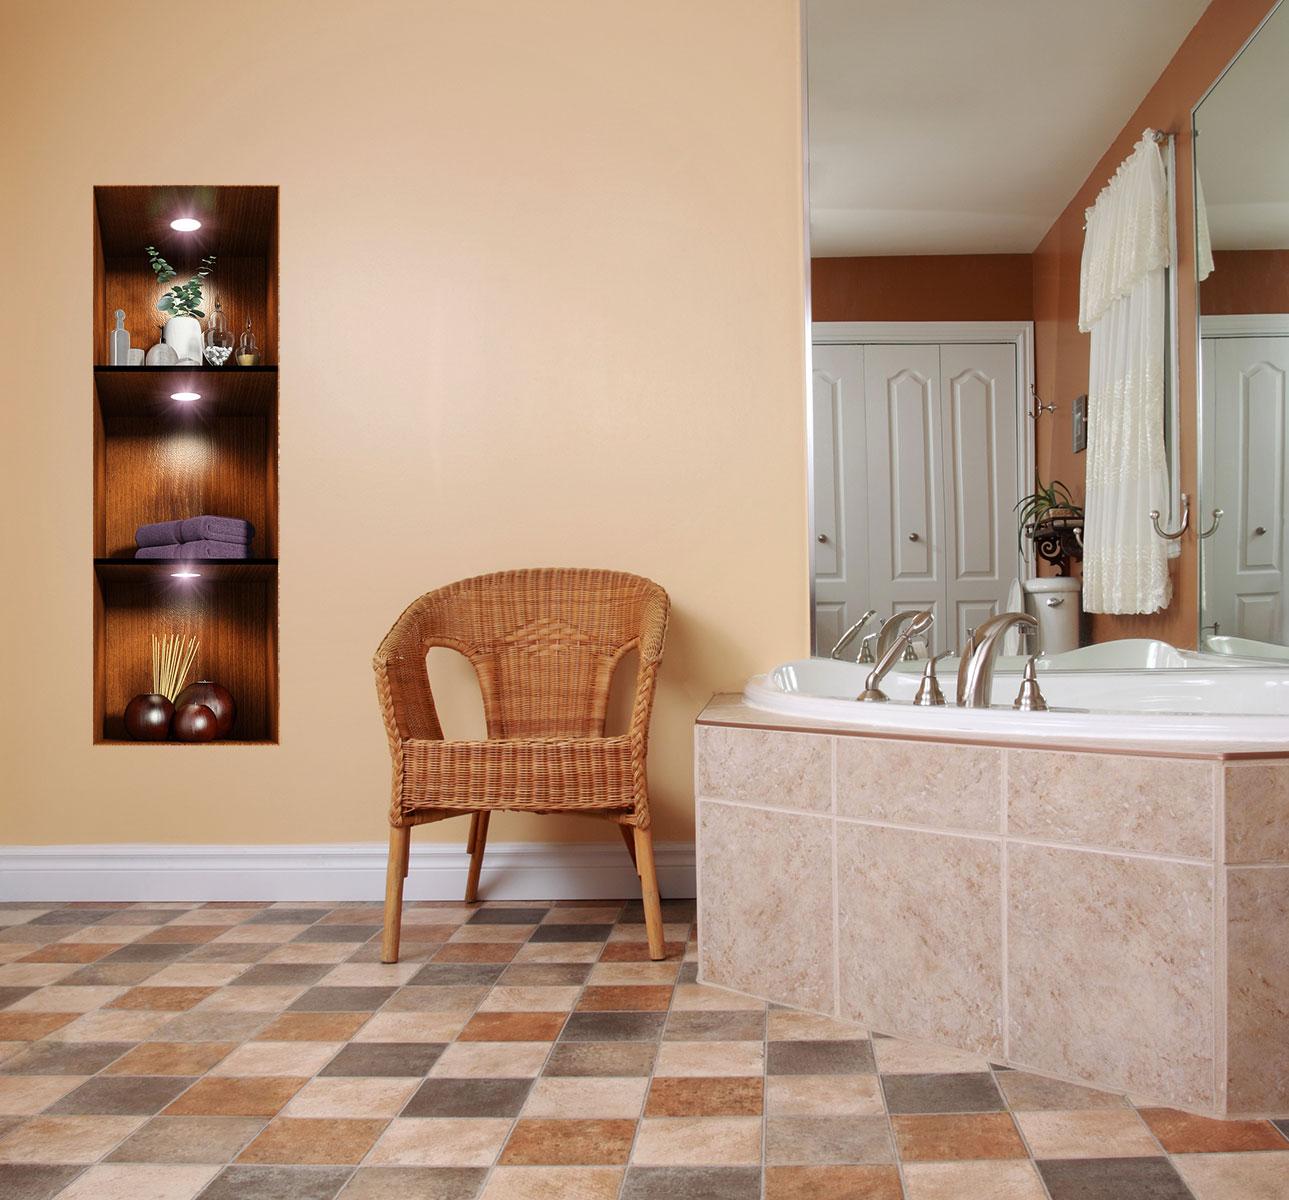 100 meubles salle bains akido ambiance badkamer for Meuble salle de bain smith